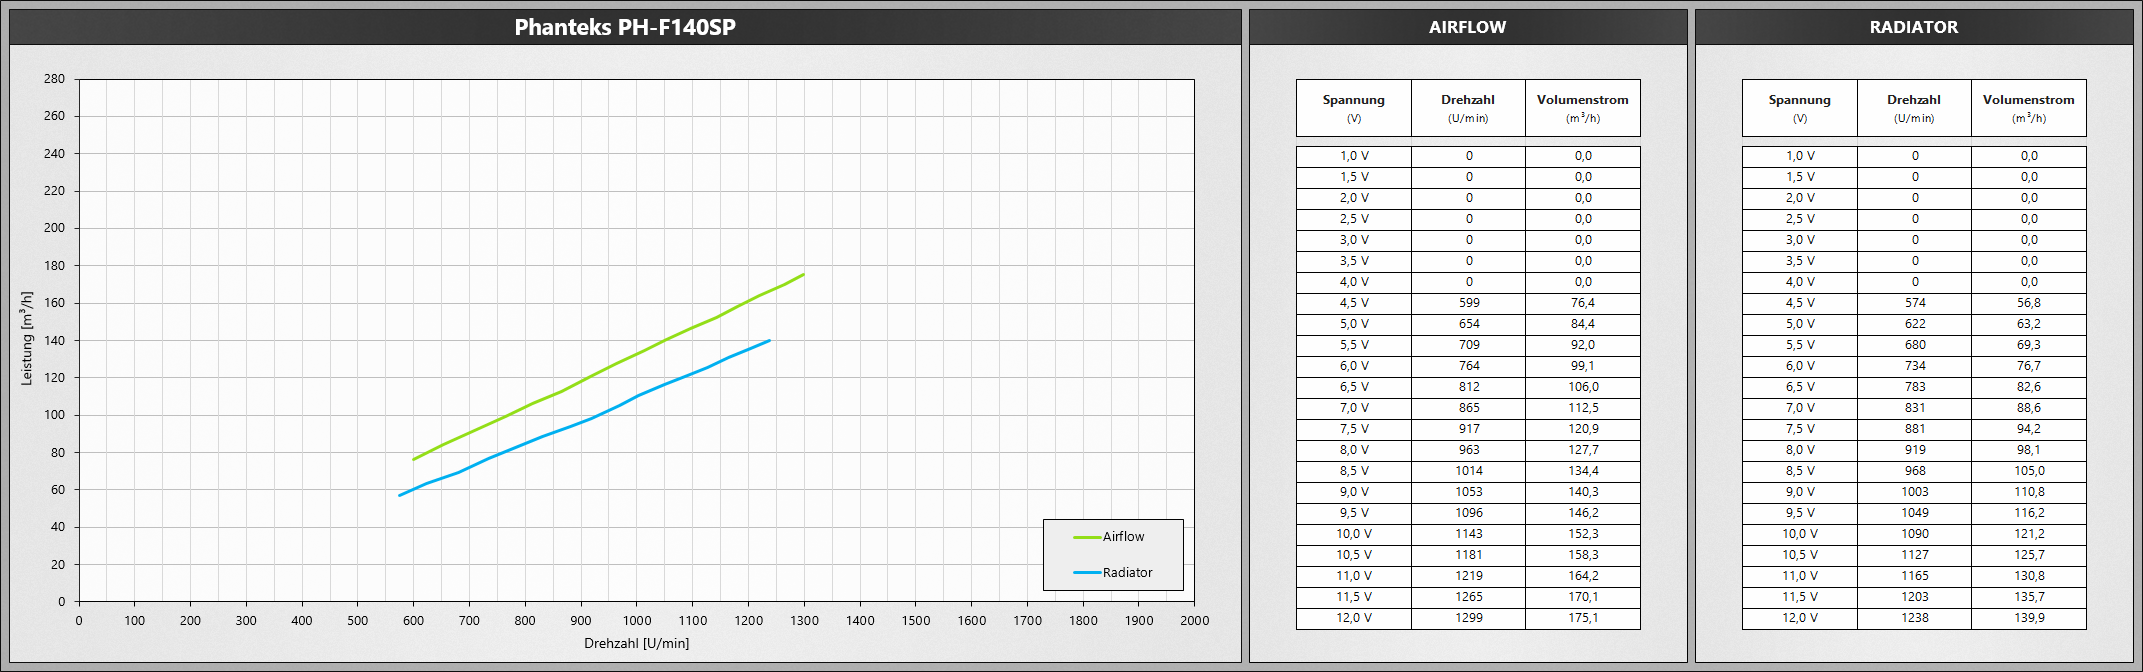 Klicken Sie auf die Grafik für eine größere Ansicht  Name:PhanteksF140SP.png Hits:652 Größe:470,8 KB ID:1074780